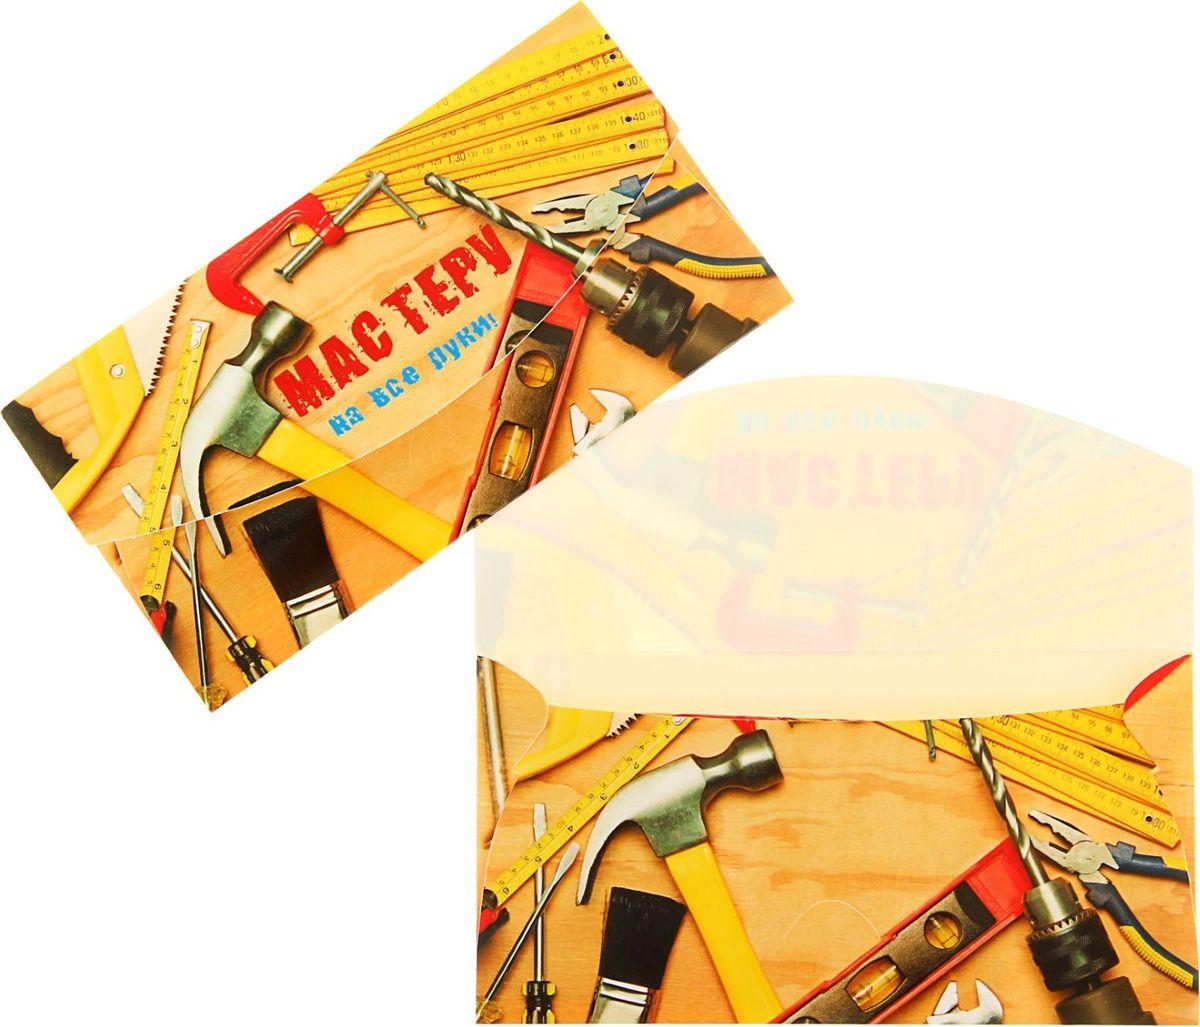 Конверт для денег Русский дизайн Мастеру на все руки..., 17 х 8 см1176275Конверт для денег Мир открыток выполненный из плотной бумаги, прекрасно подойдет для вручения денежного подарка. Лицевая сторона конверта украшена красочным изображением. Внутри находится отделения для бумажных денег. Подарок в таком конверте будет выглядеть ярко и стильно!